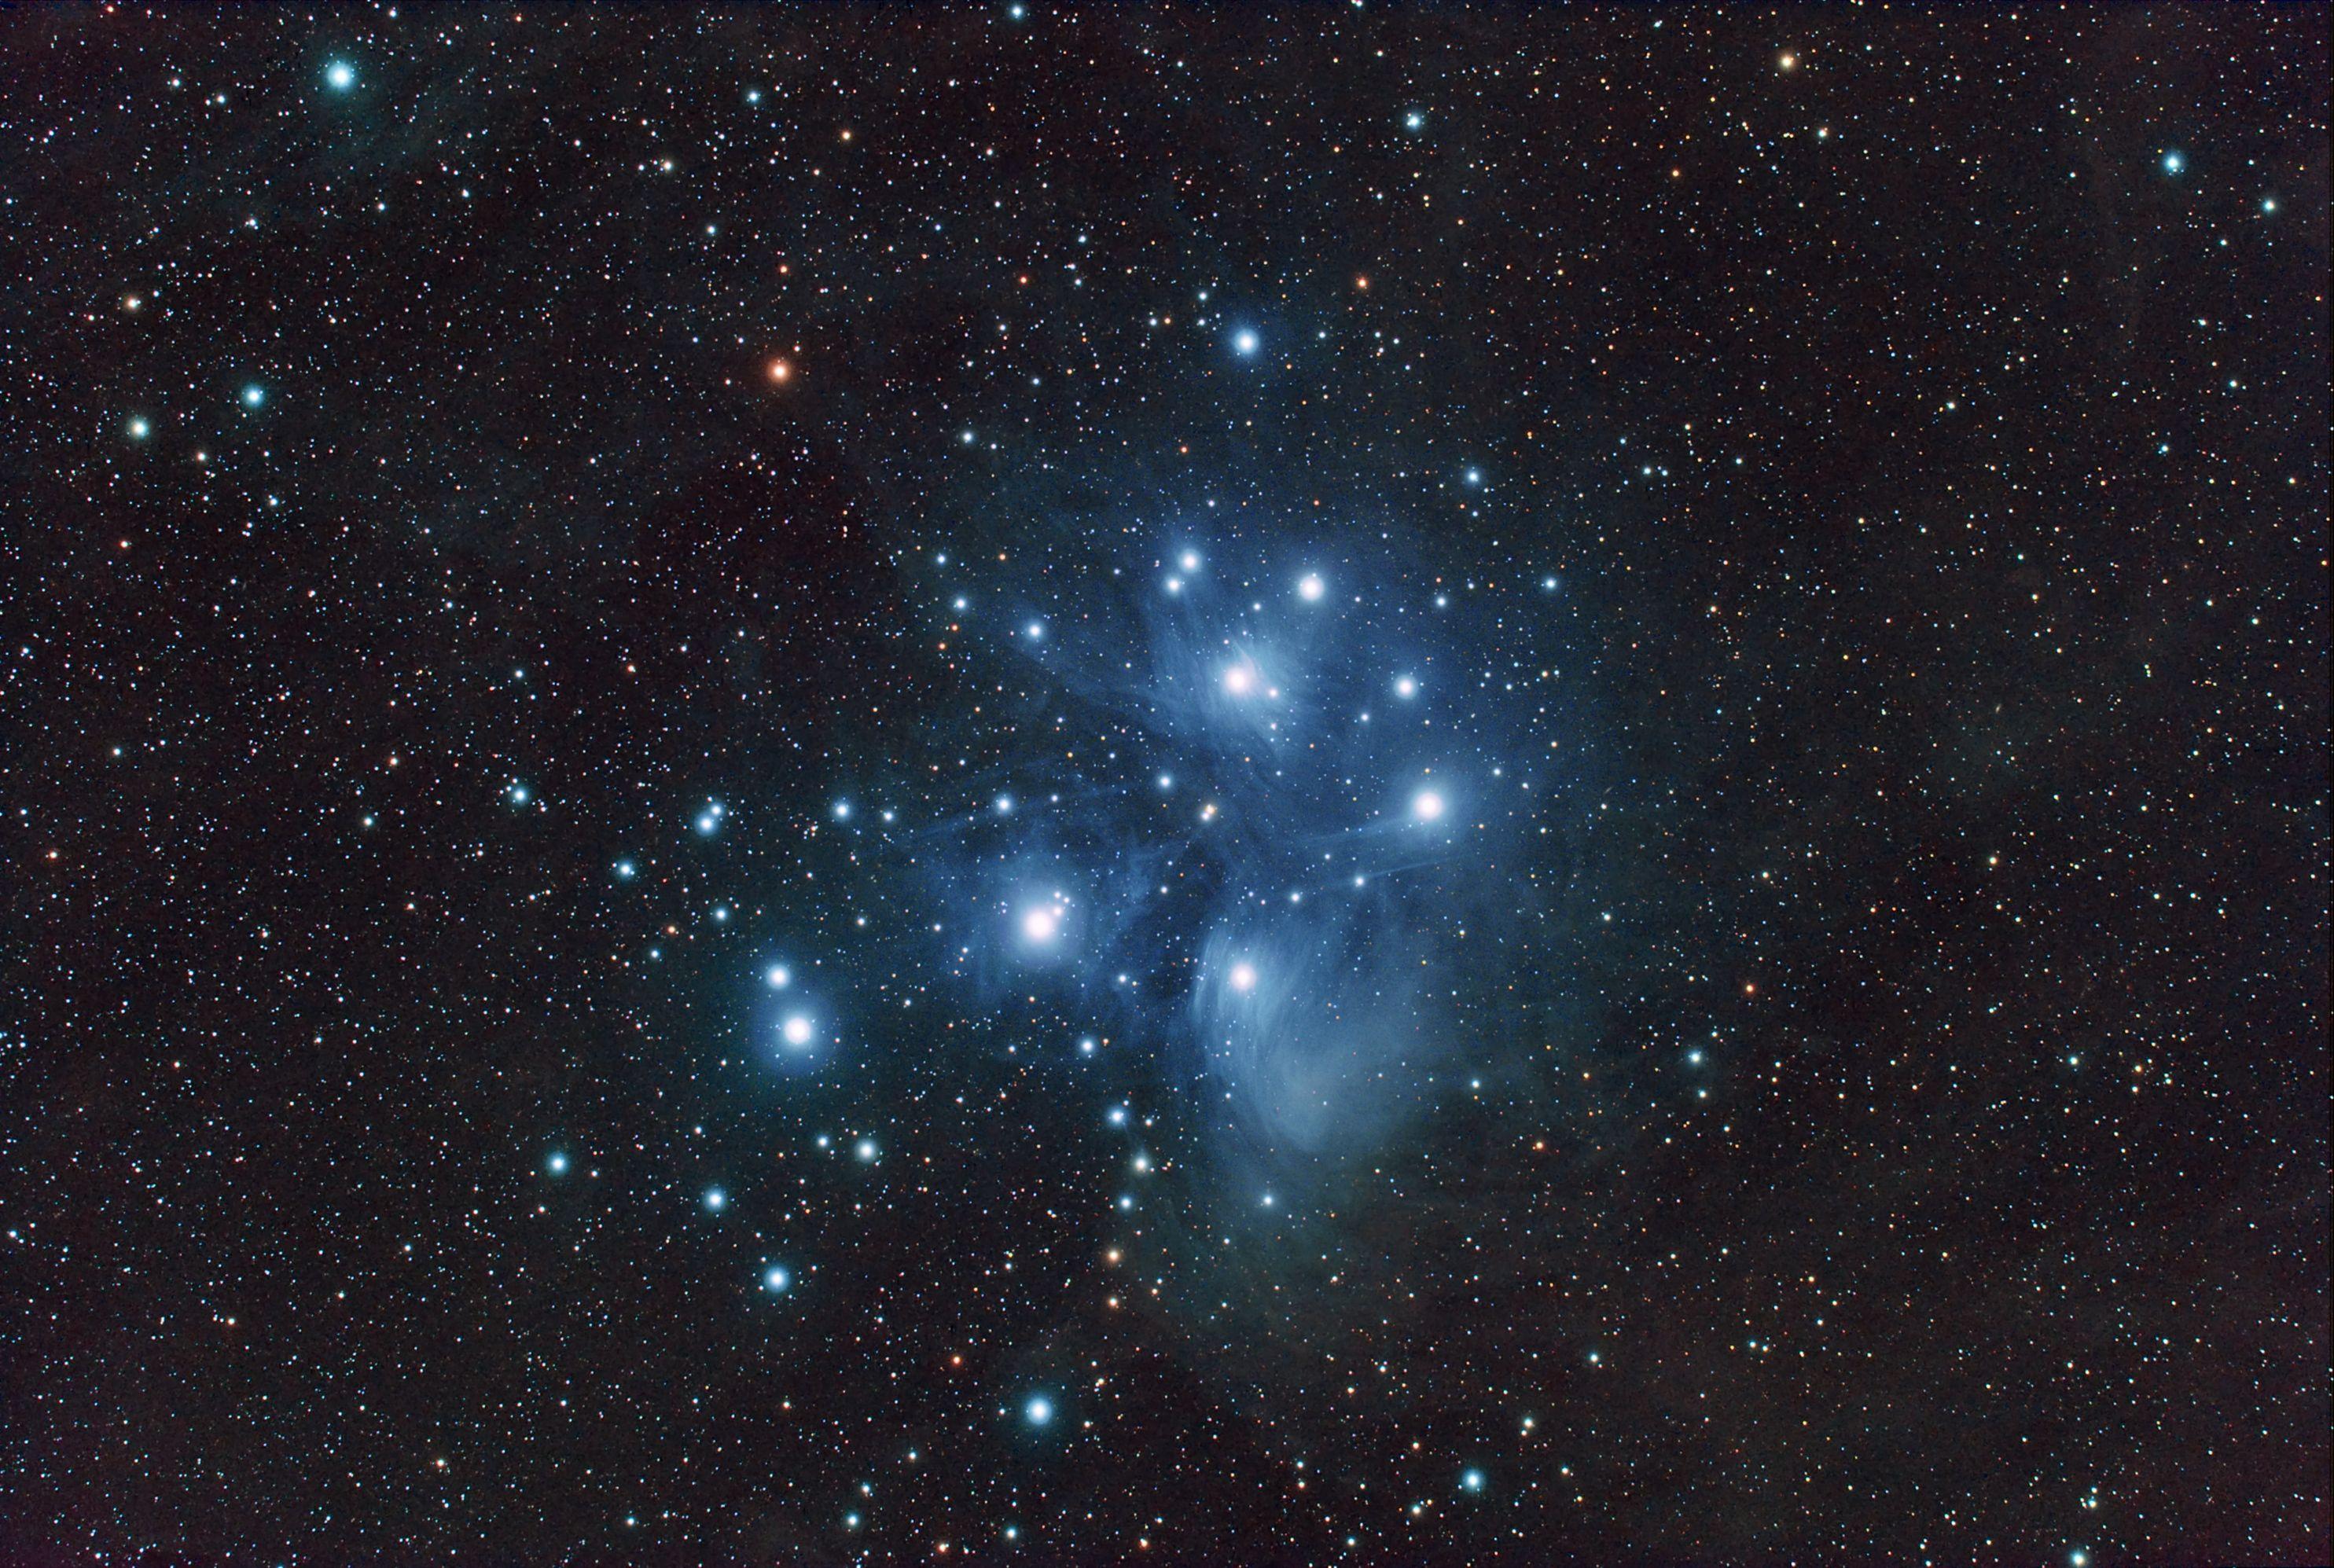 fotos del cosmos de la nasa - Buscar con Google